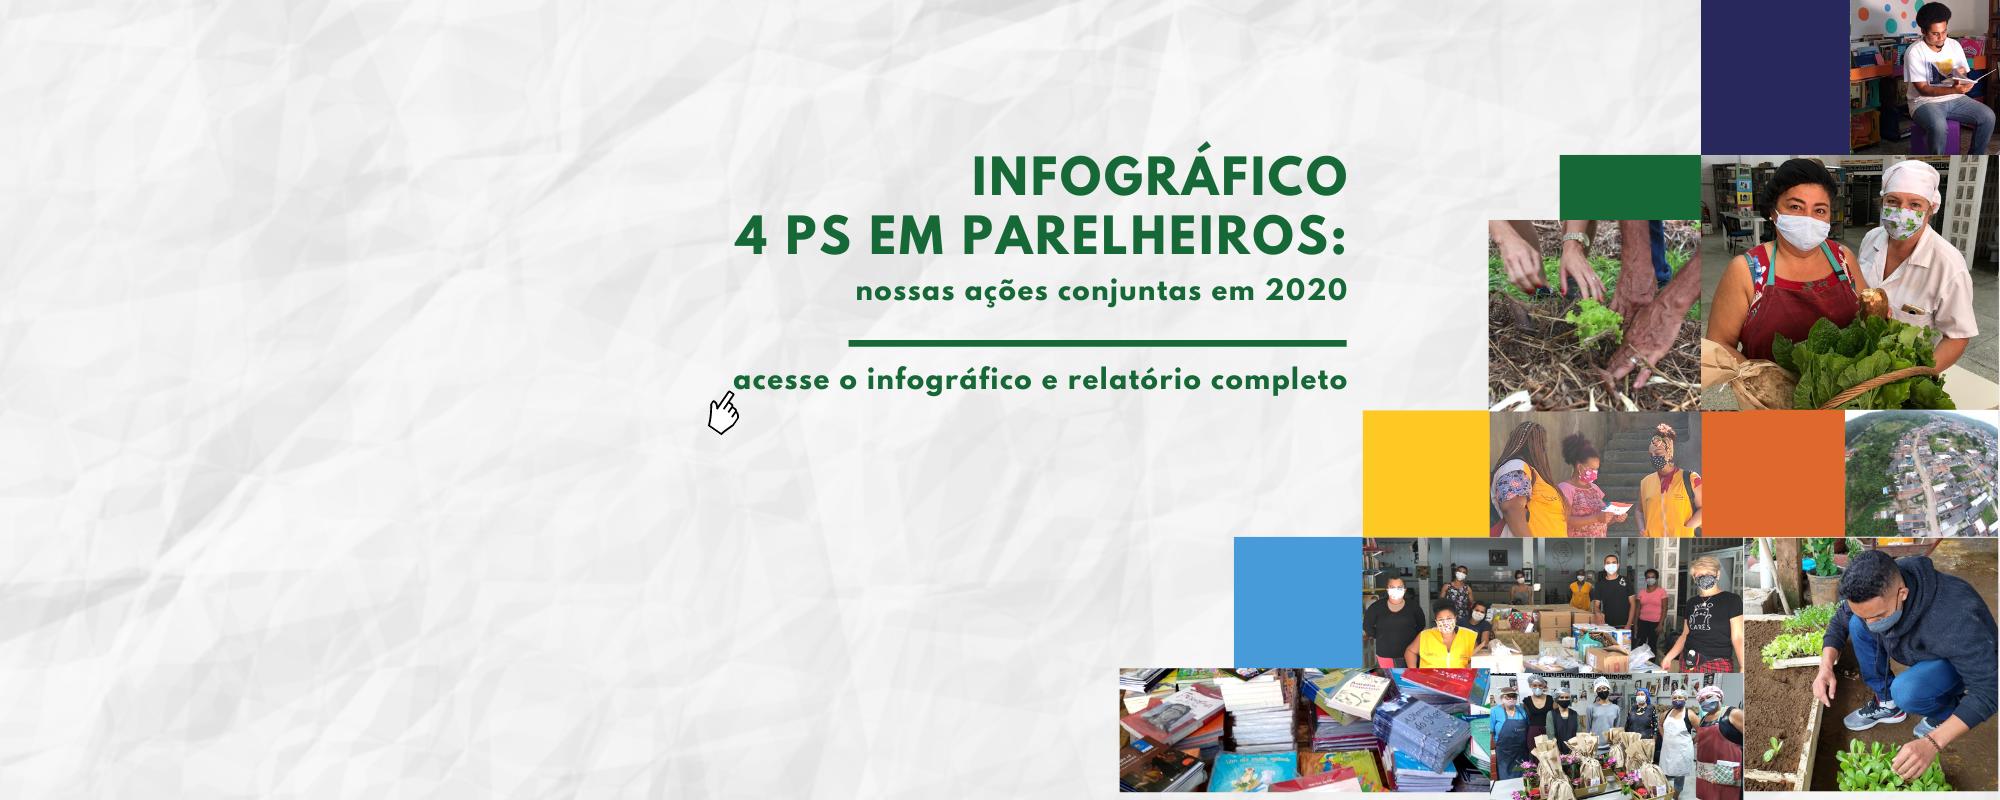 """Infográfico """"4 Ps em Parelheiros: nossas ações conjuntas em 2020"""""""